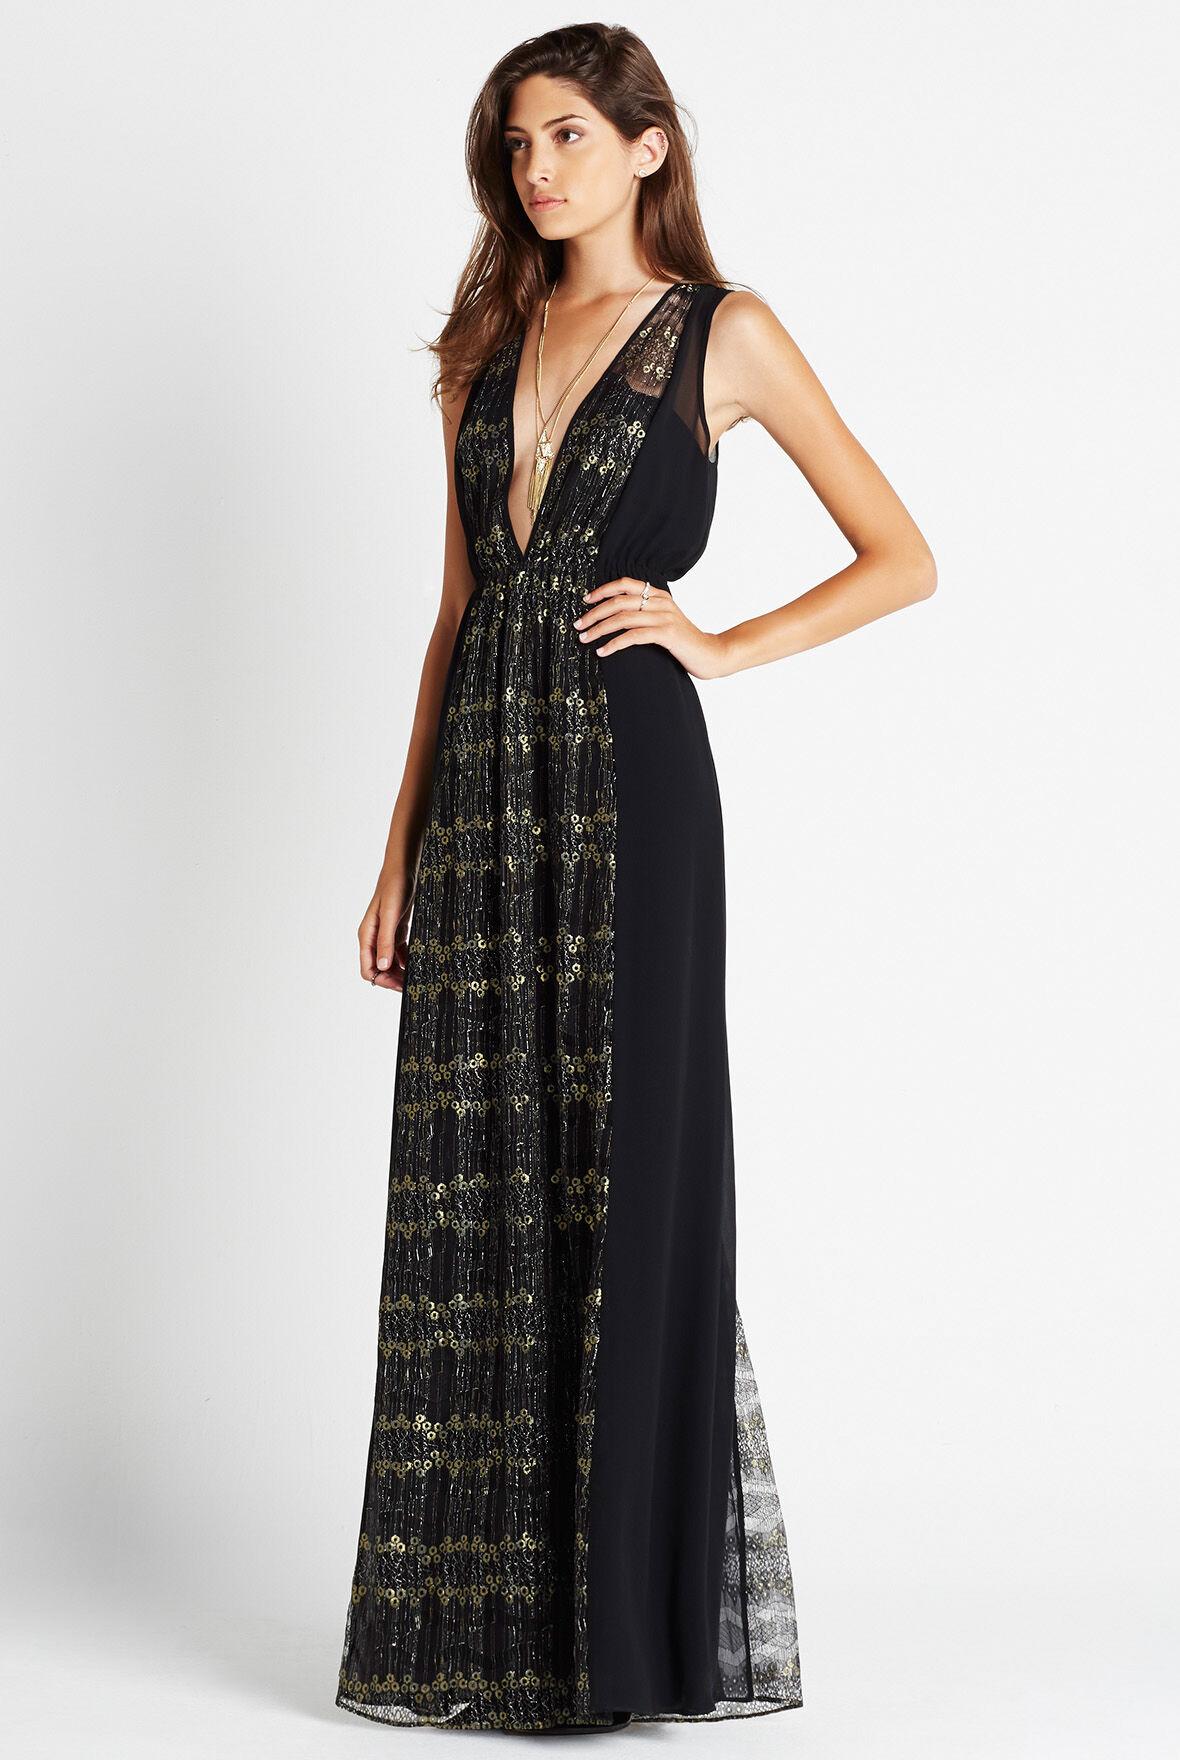 v back maxi dress variations